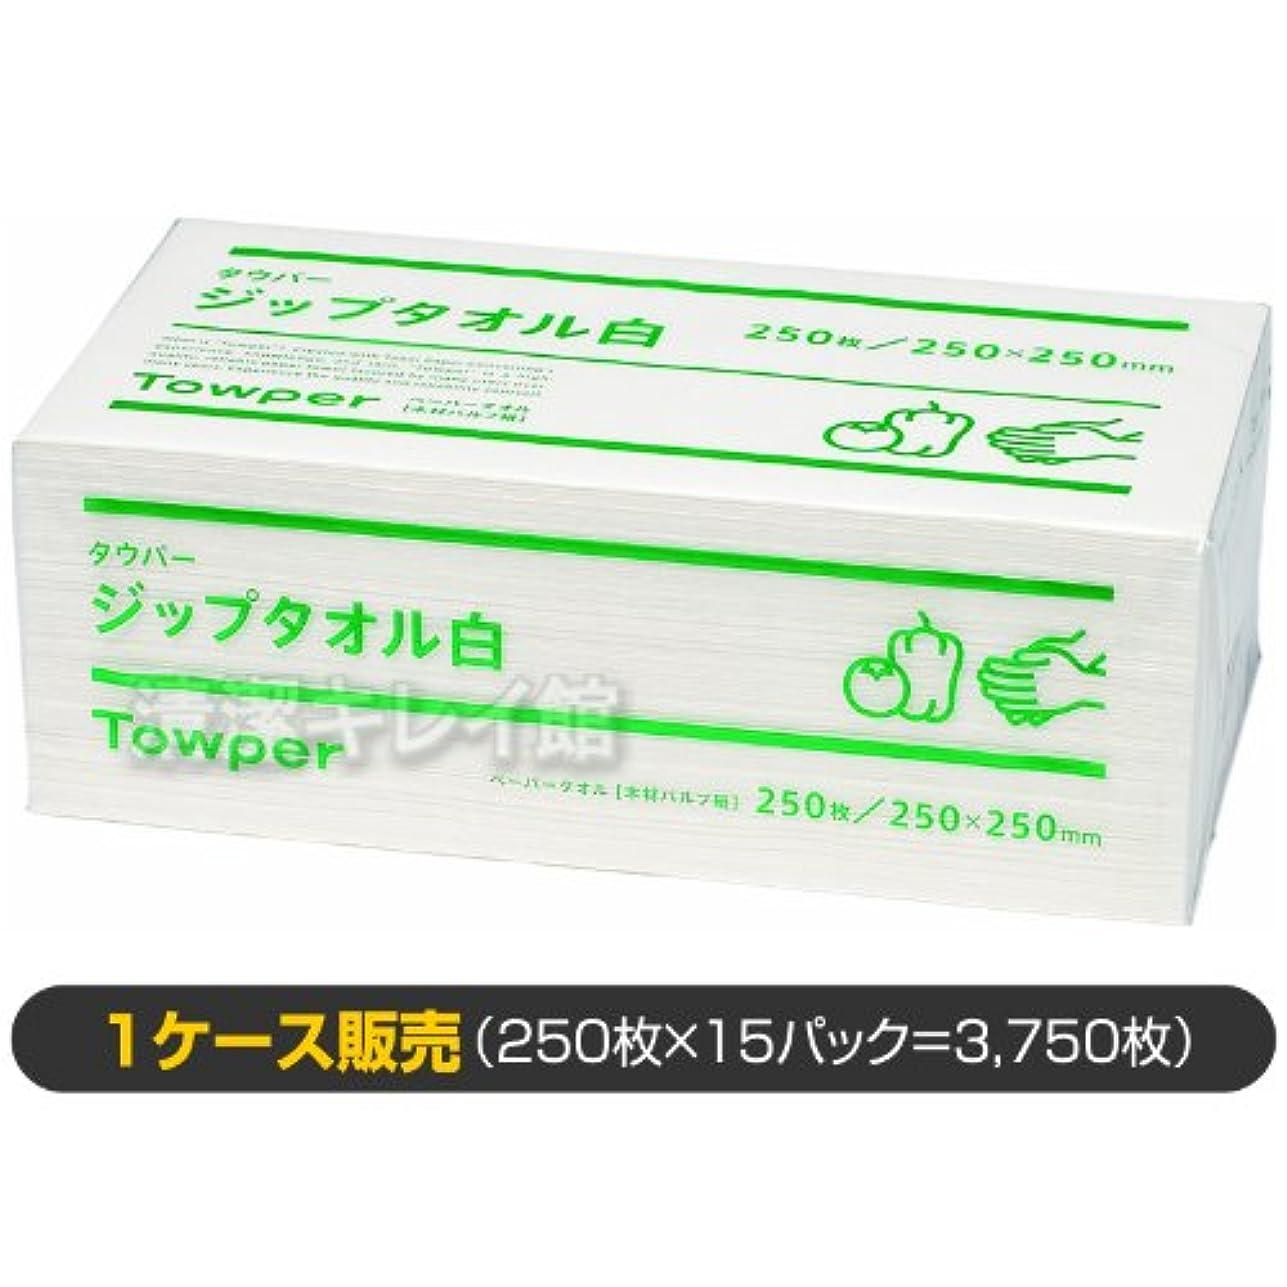 傷跡間違いクランプペーパータオル ジップタオル(白) /1ケース販売(清潔キレイ館/大判サイズ用)